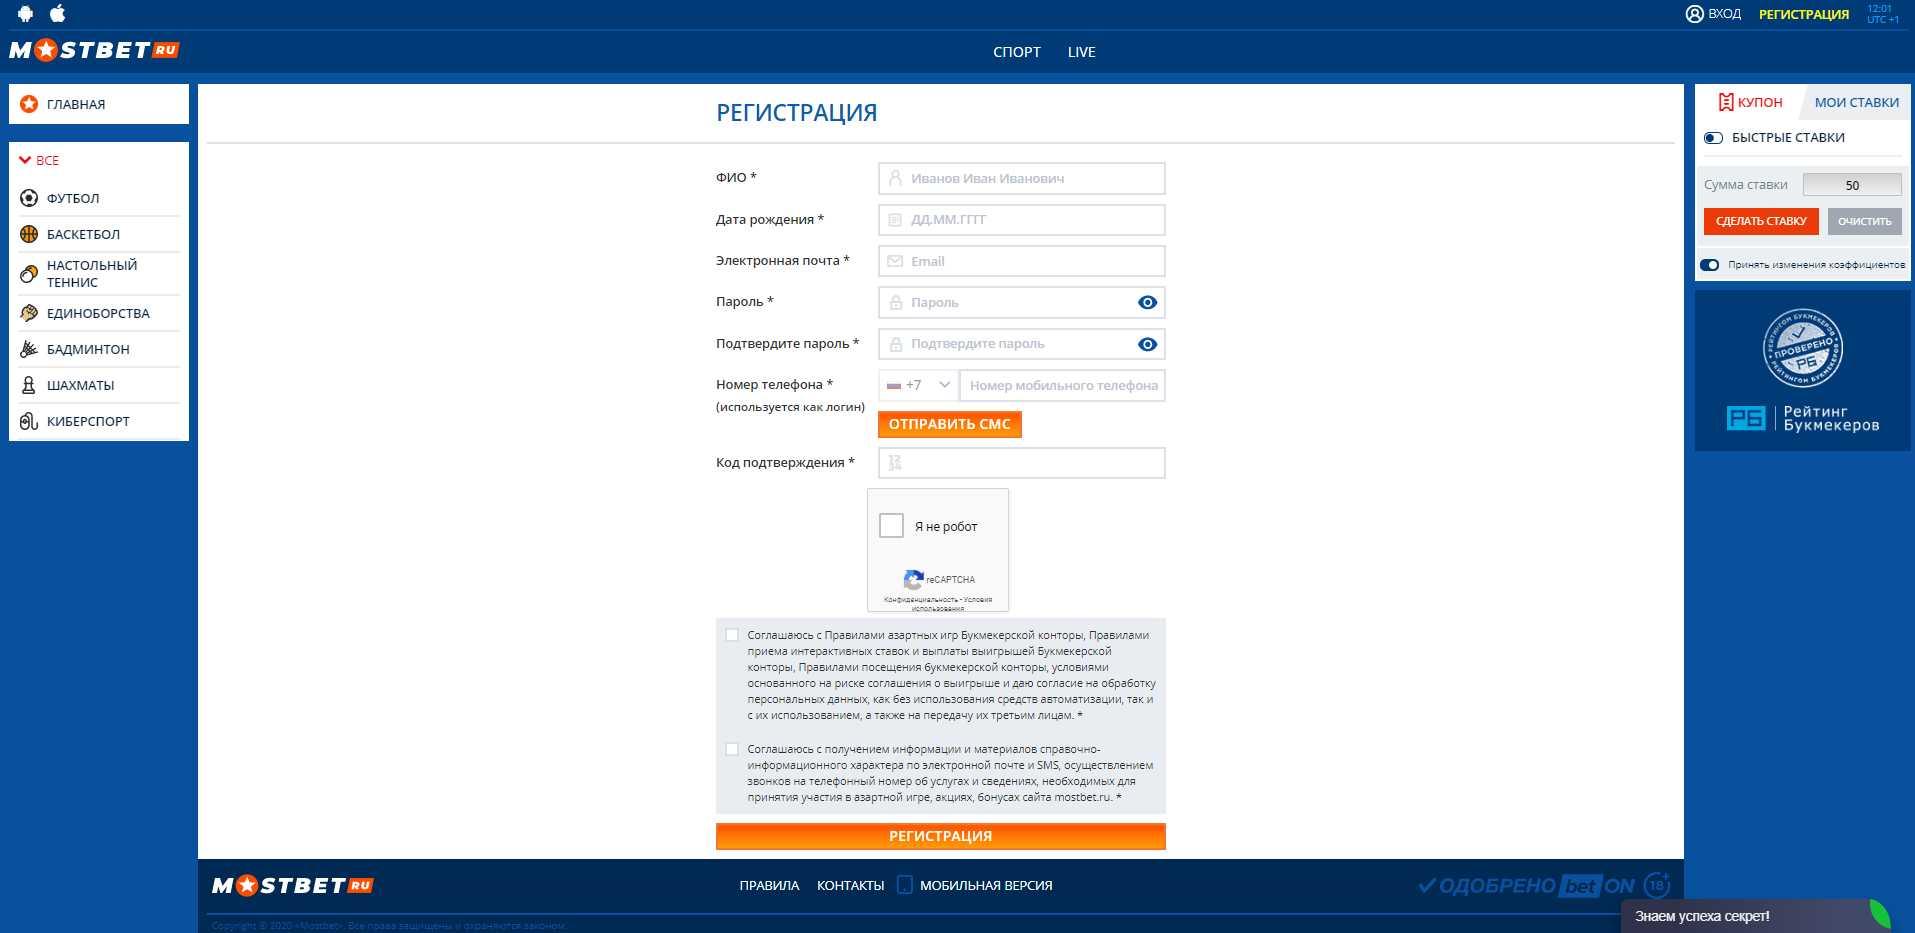 Мостбет - бонус при регистрации